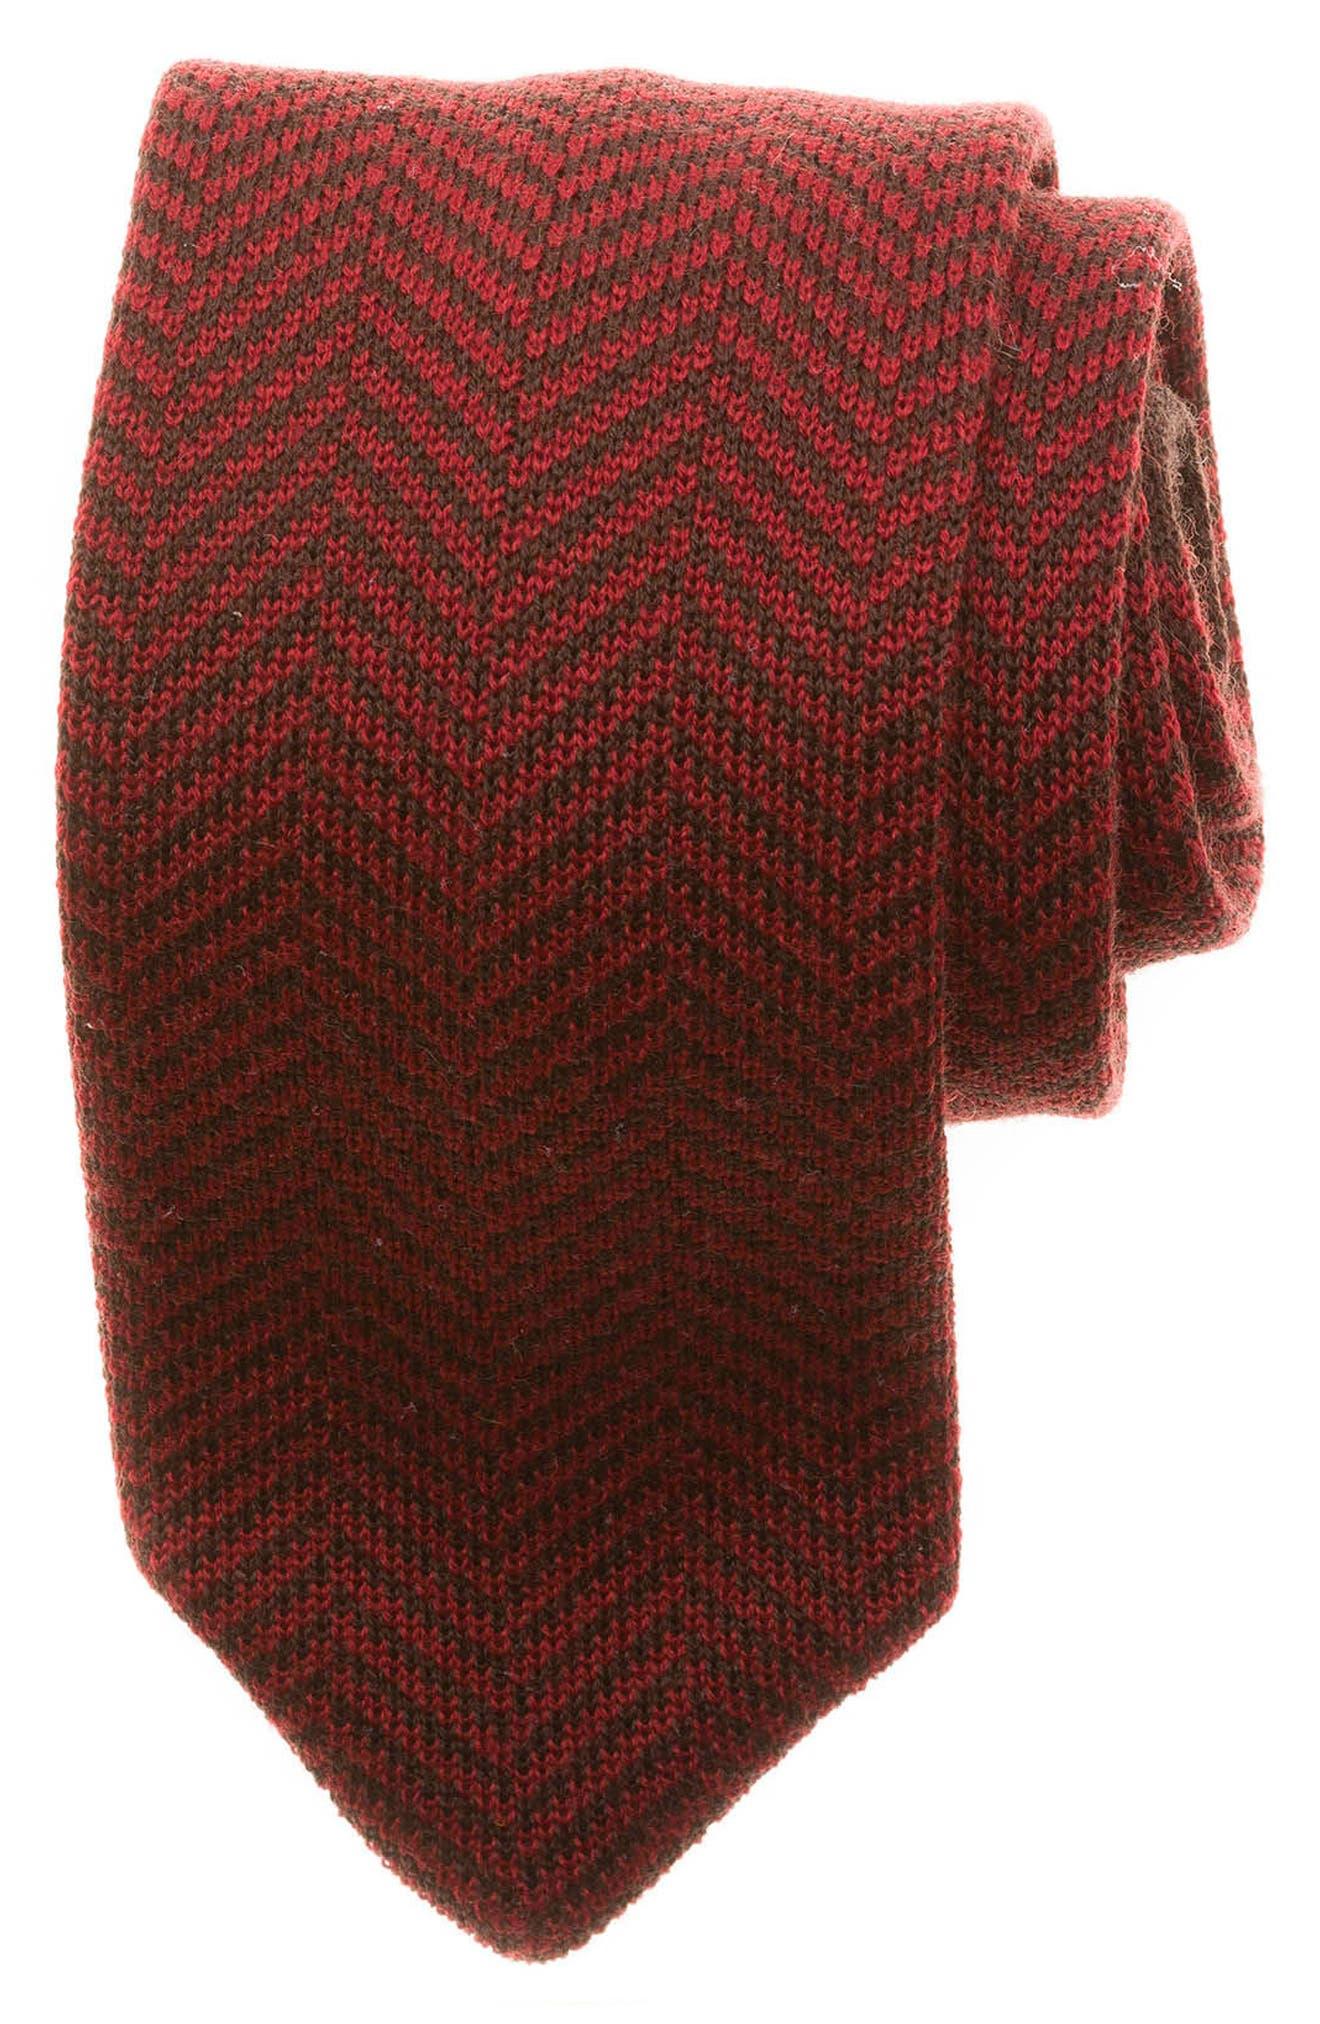 Herringbone Knit Wool Tie,                         Main,                         color, Red